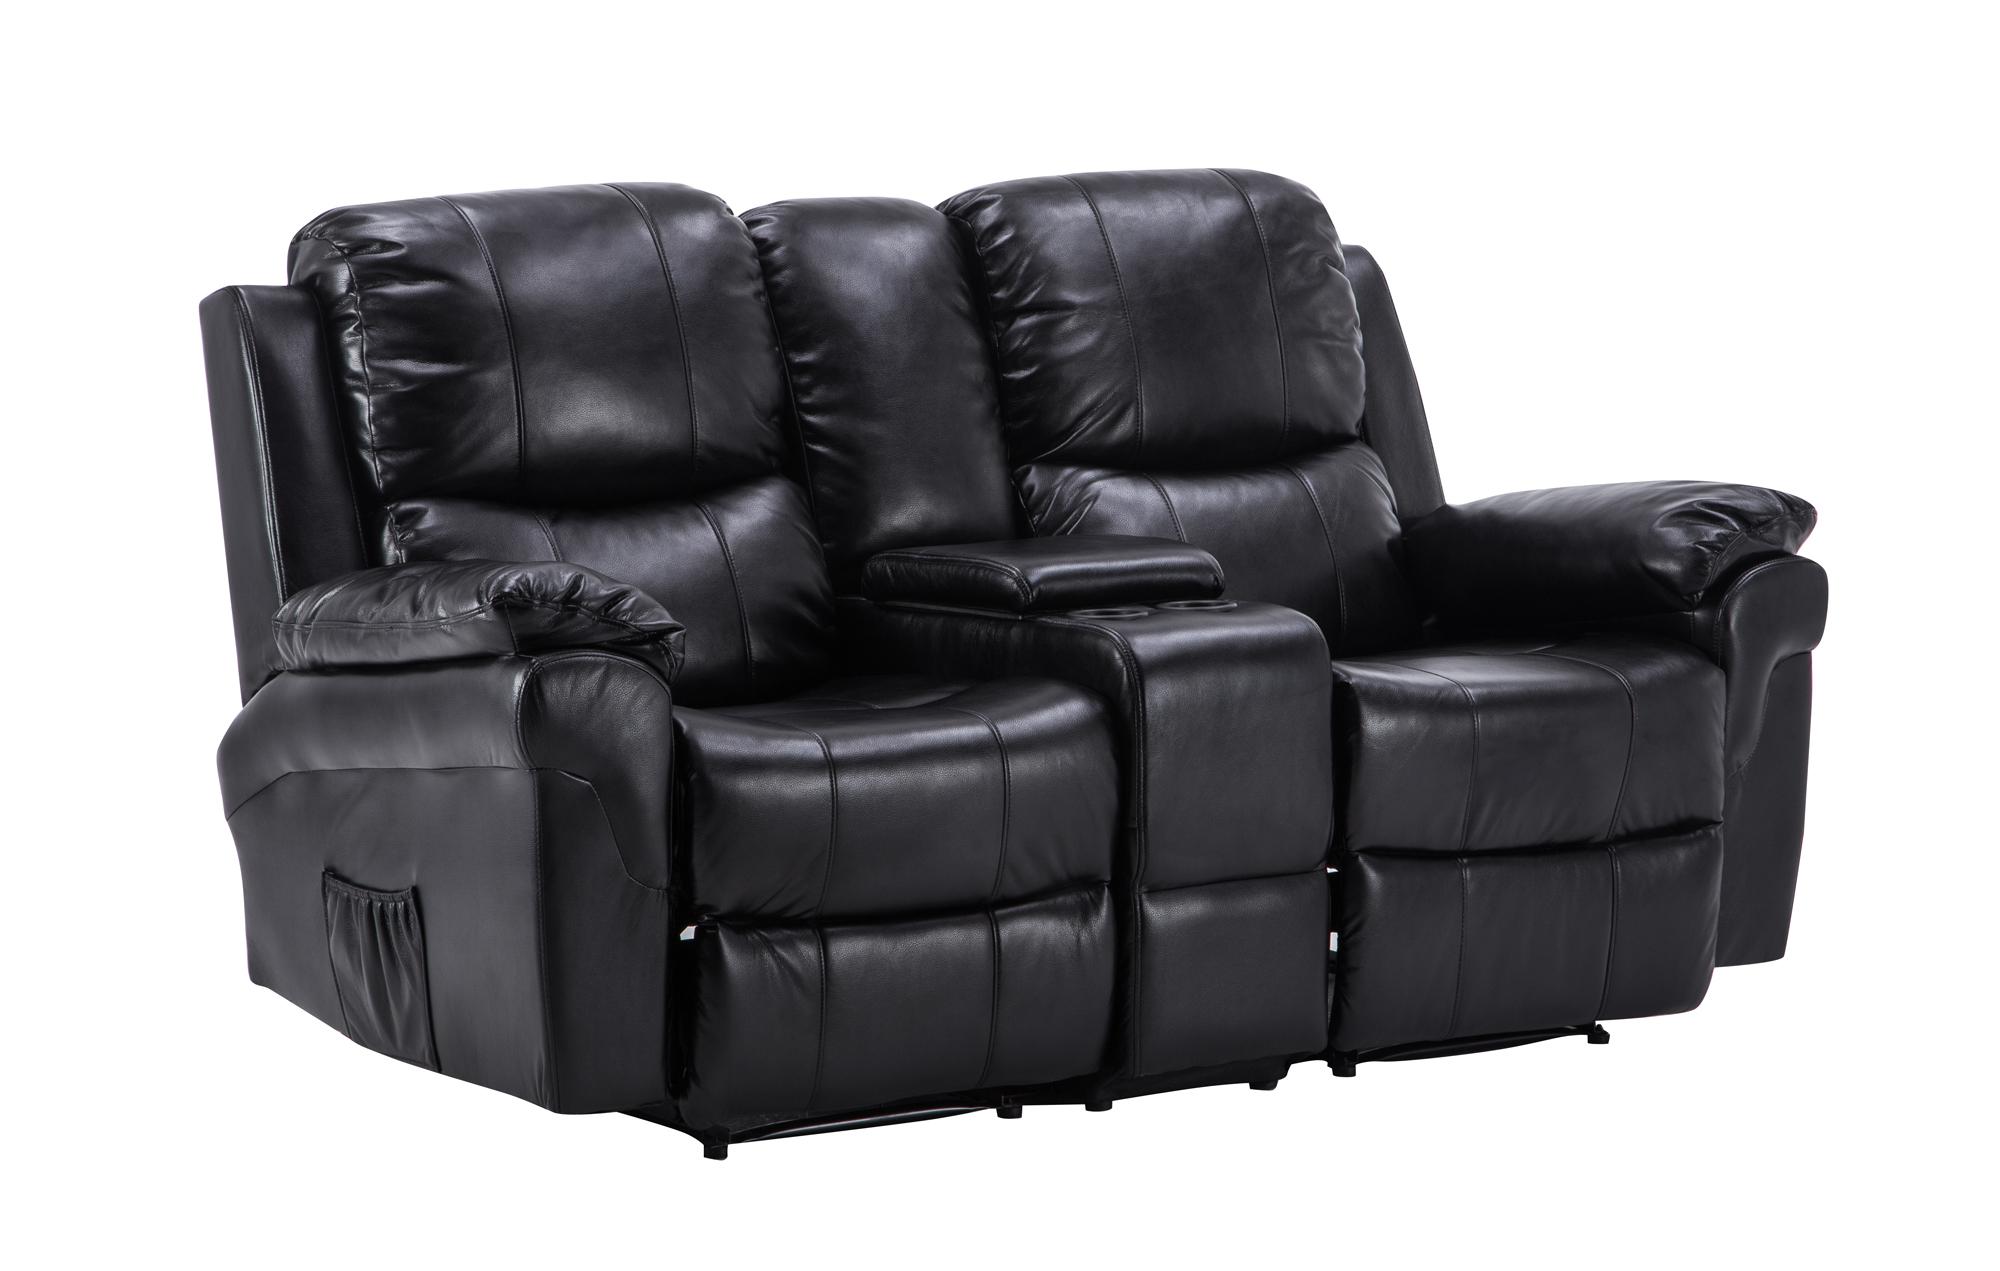 Liebenswert Sessel Couch Sammlung Von Mcombo Kinosessel Fernsehsessel Relaxsessel 2-sitzer Heimkino Cinema